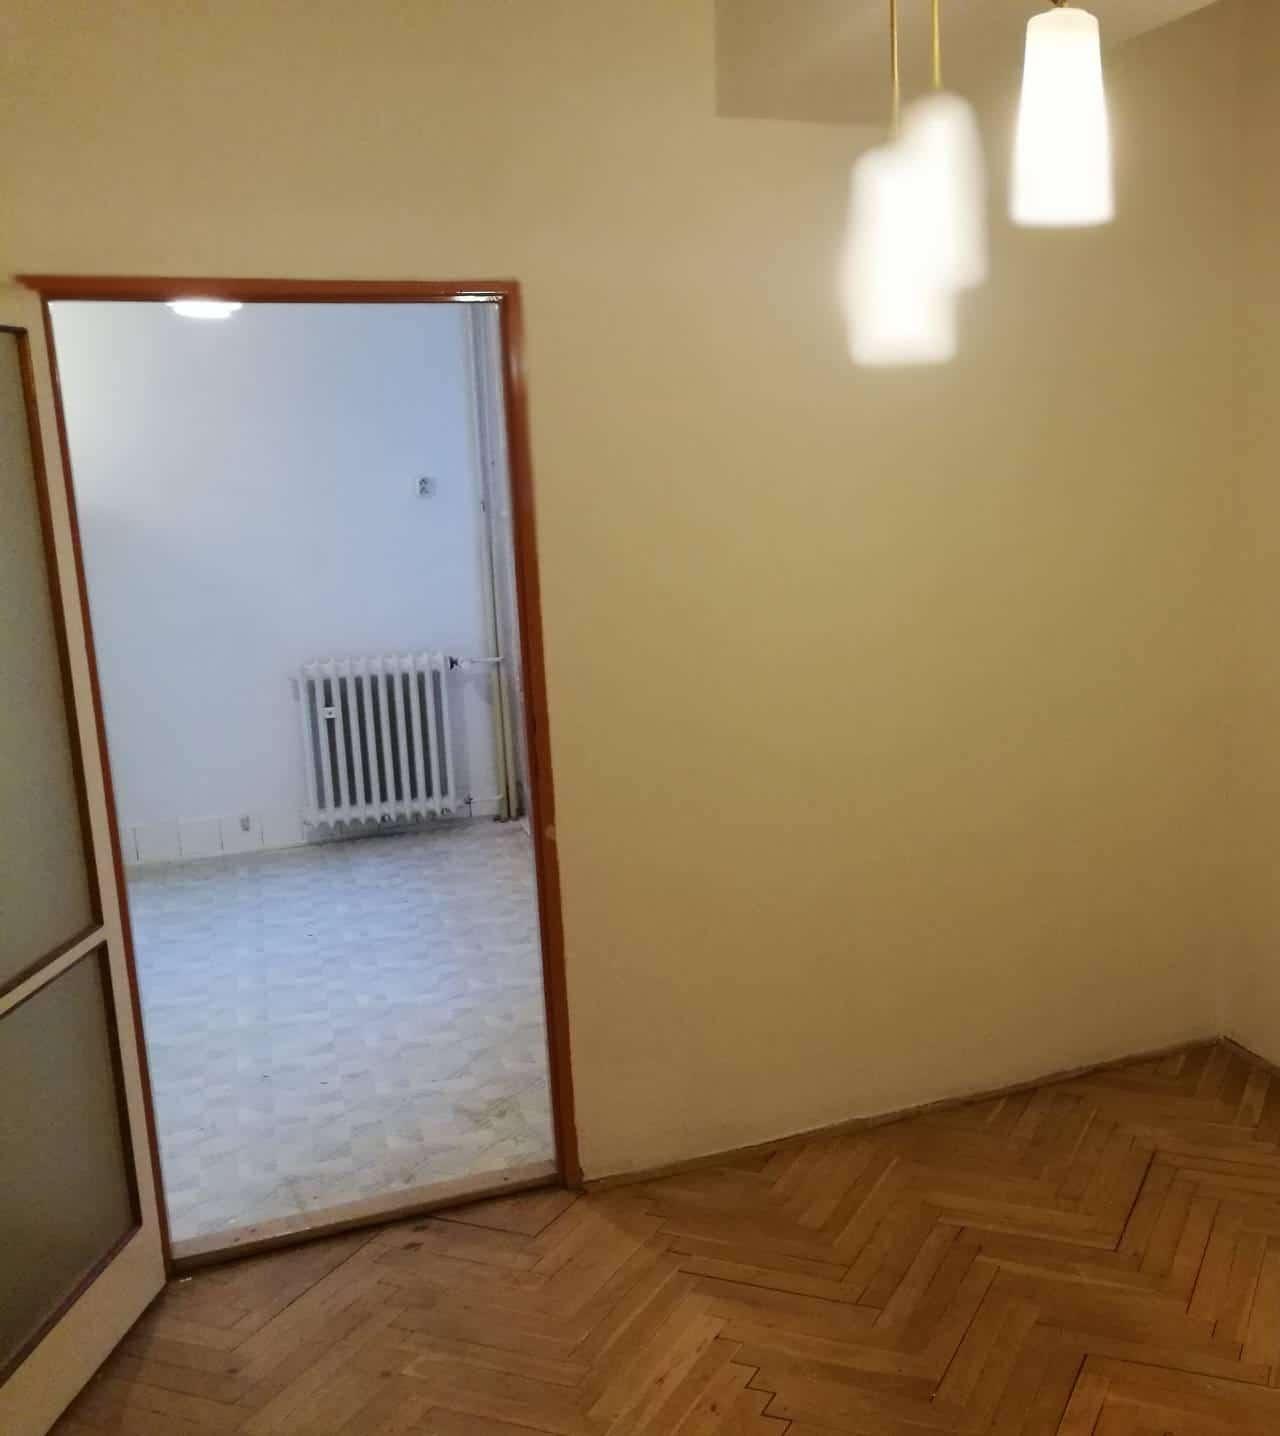 למכירה דירת 3+kk בגודל 70 מר, בשכונת וינוהרדי (7)